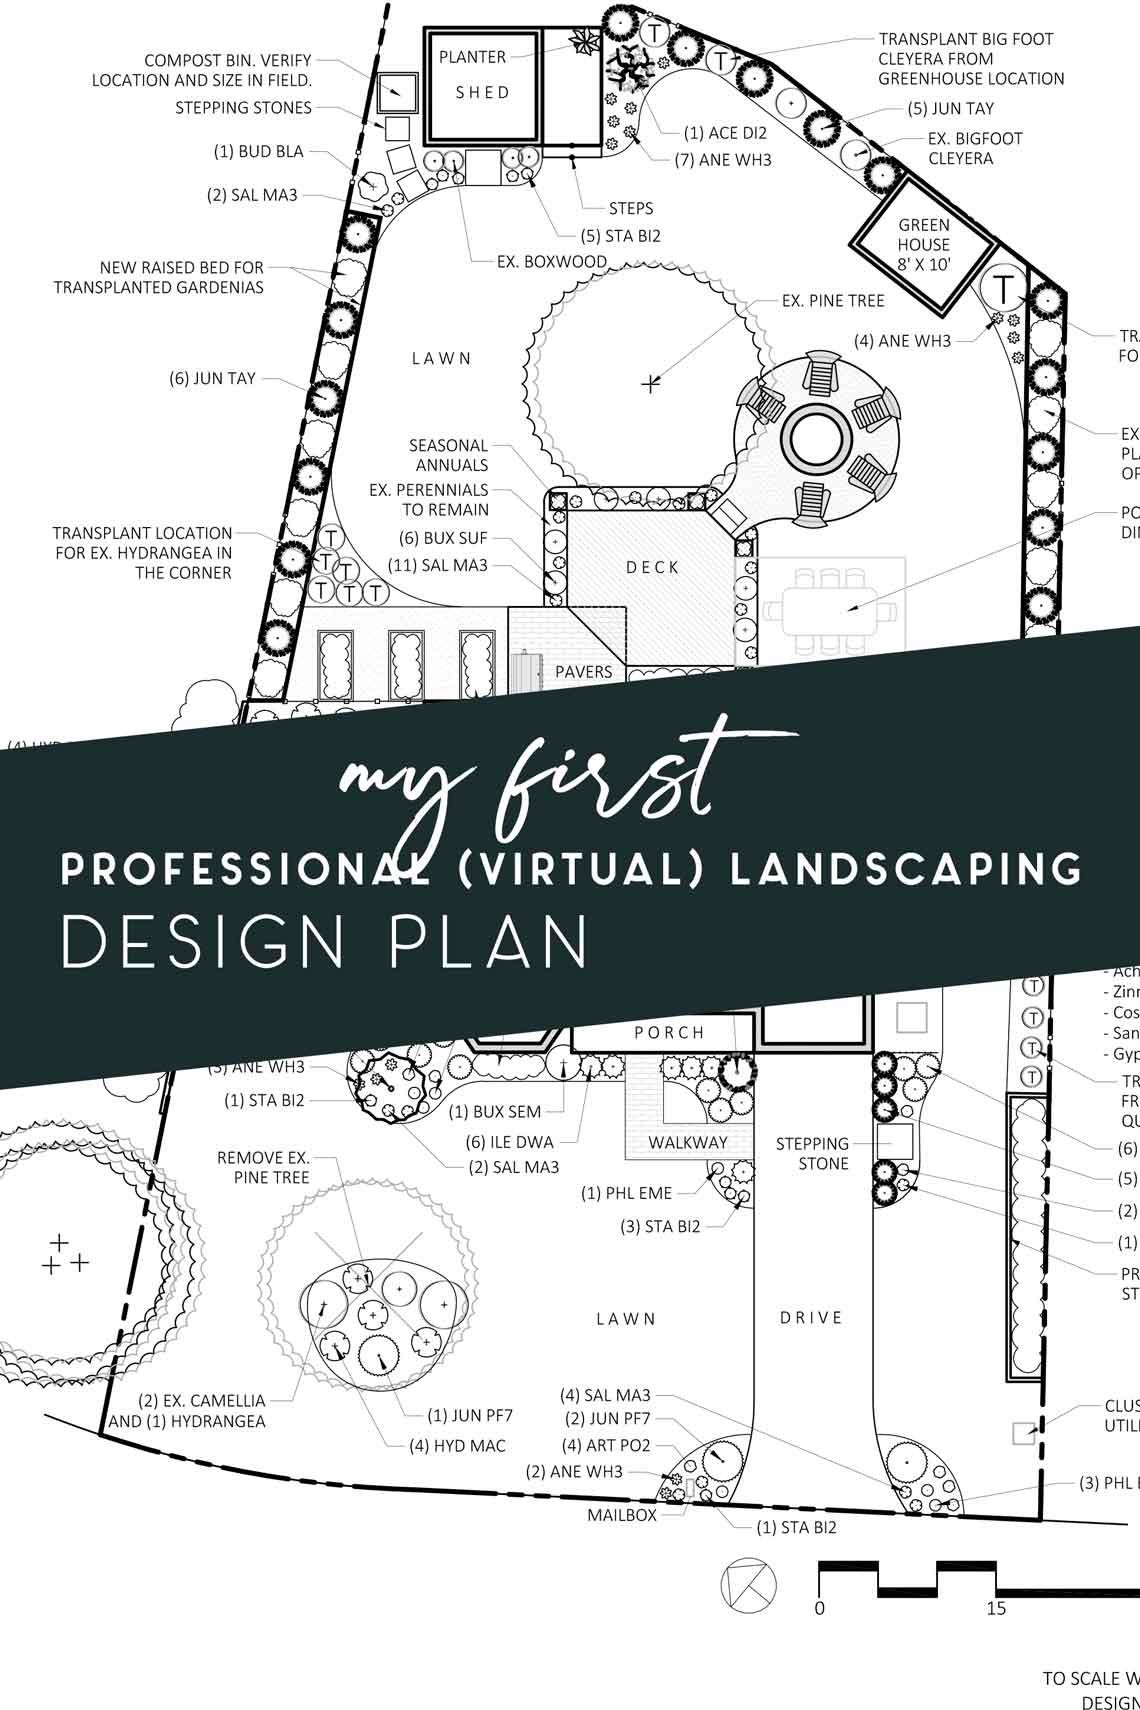 professional virtual landscaping design plan